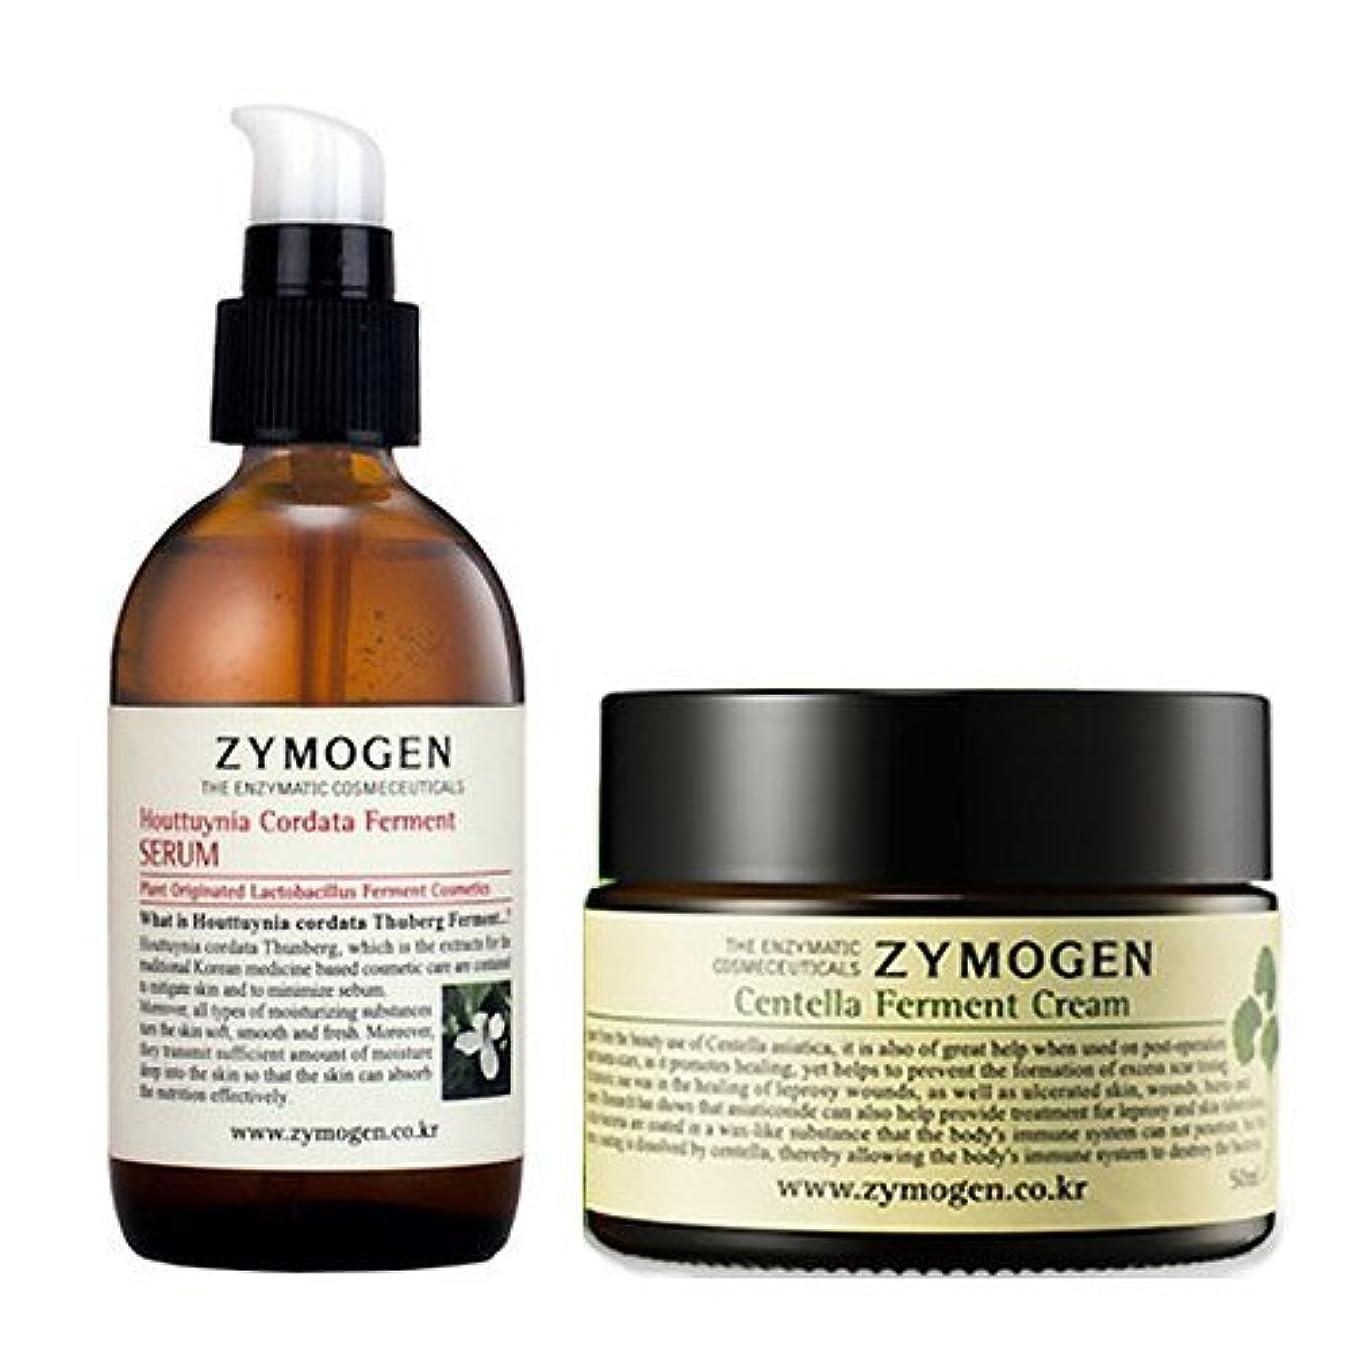 机悪行薄めるザイモゲン(ZYMOGEN) 発酵 2種セット [海外直送品][並行輸入品] ZYMOGEN Centella Ferment Cream 50g+ Ferment Houttunia Cordata Extract Serum...